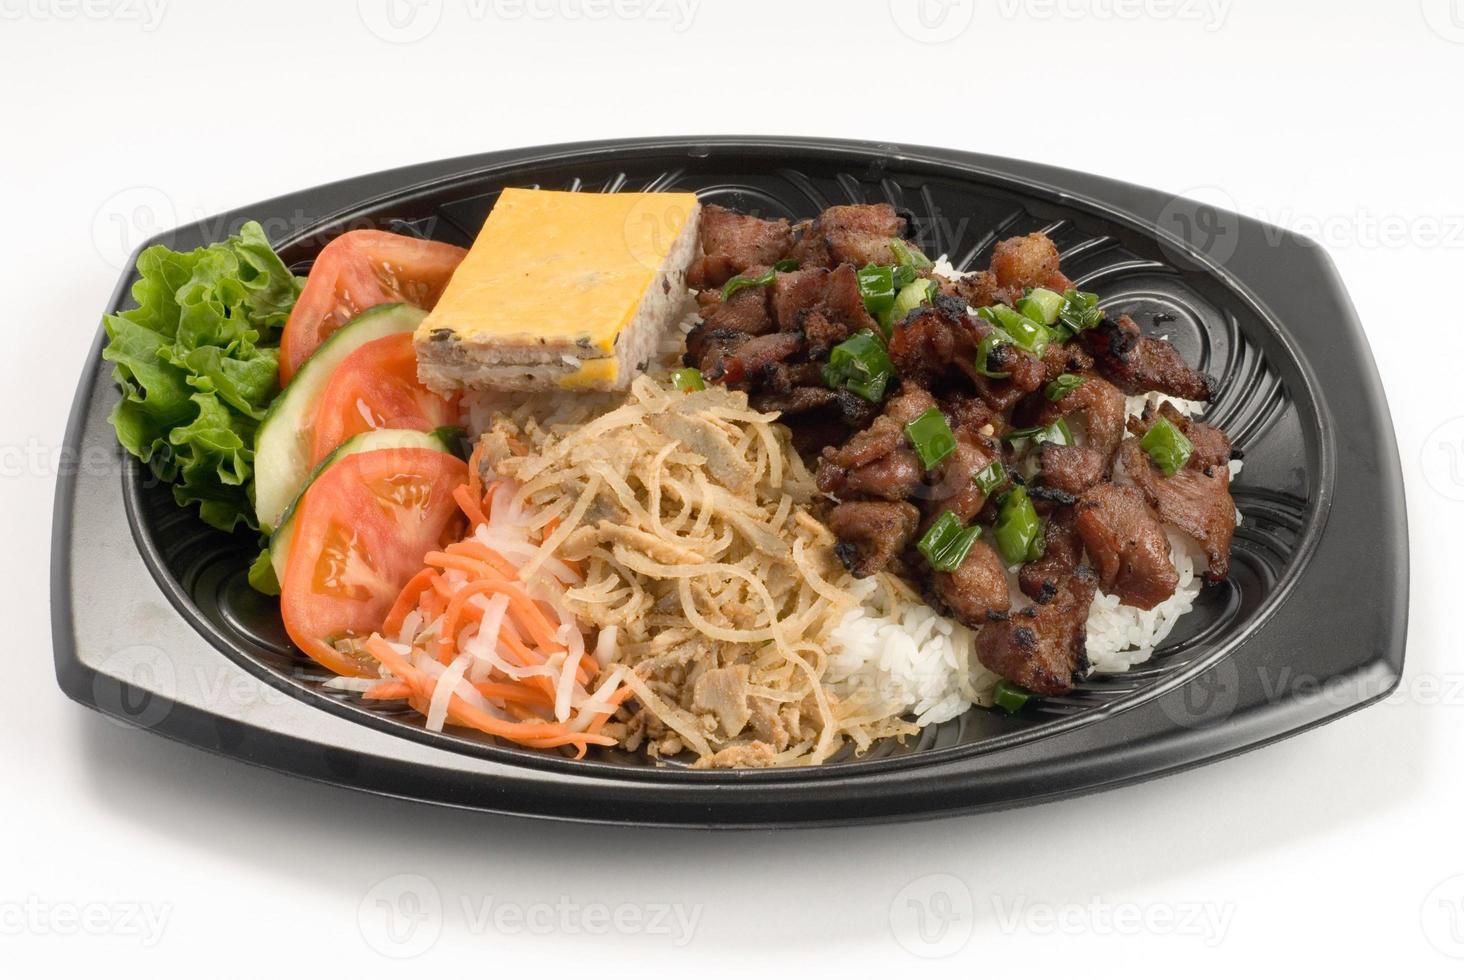 barbecue varkensvlees over rijst foto